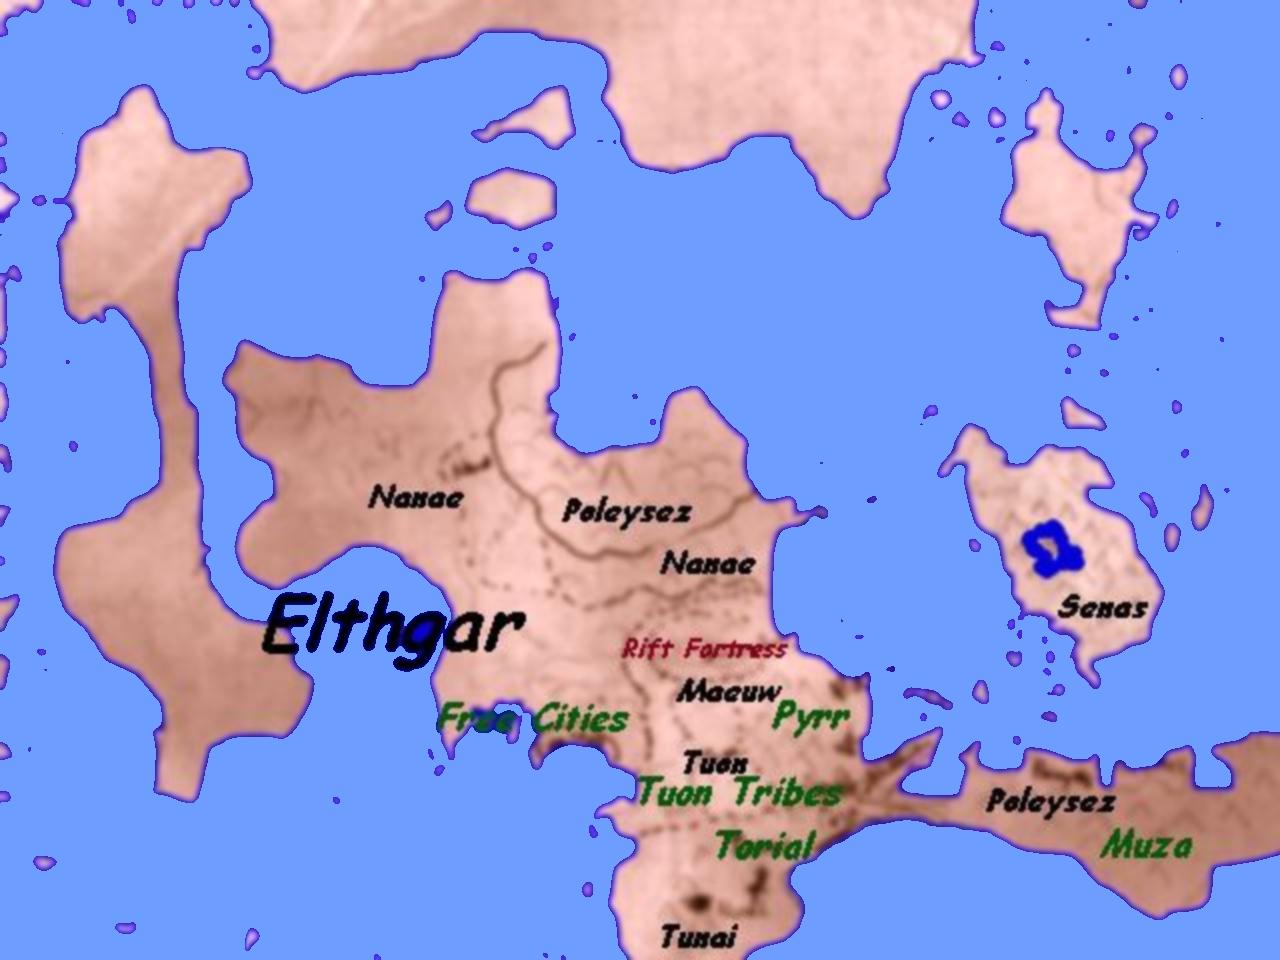 elthgar1.jpg